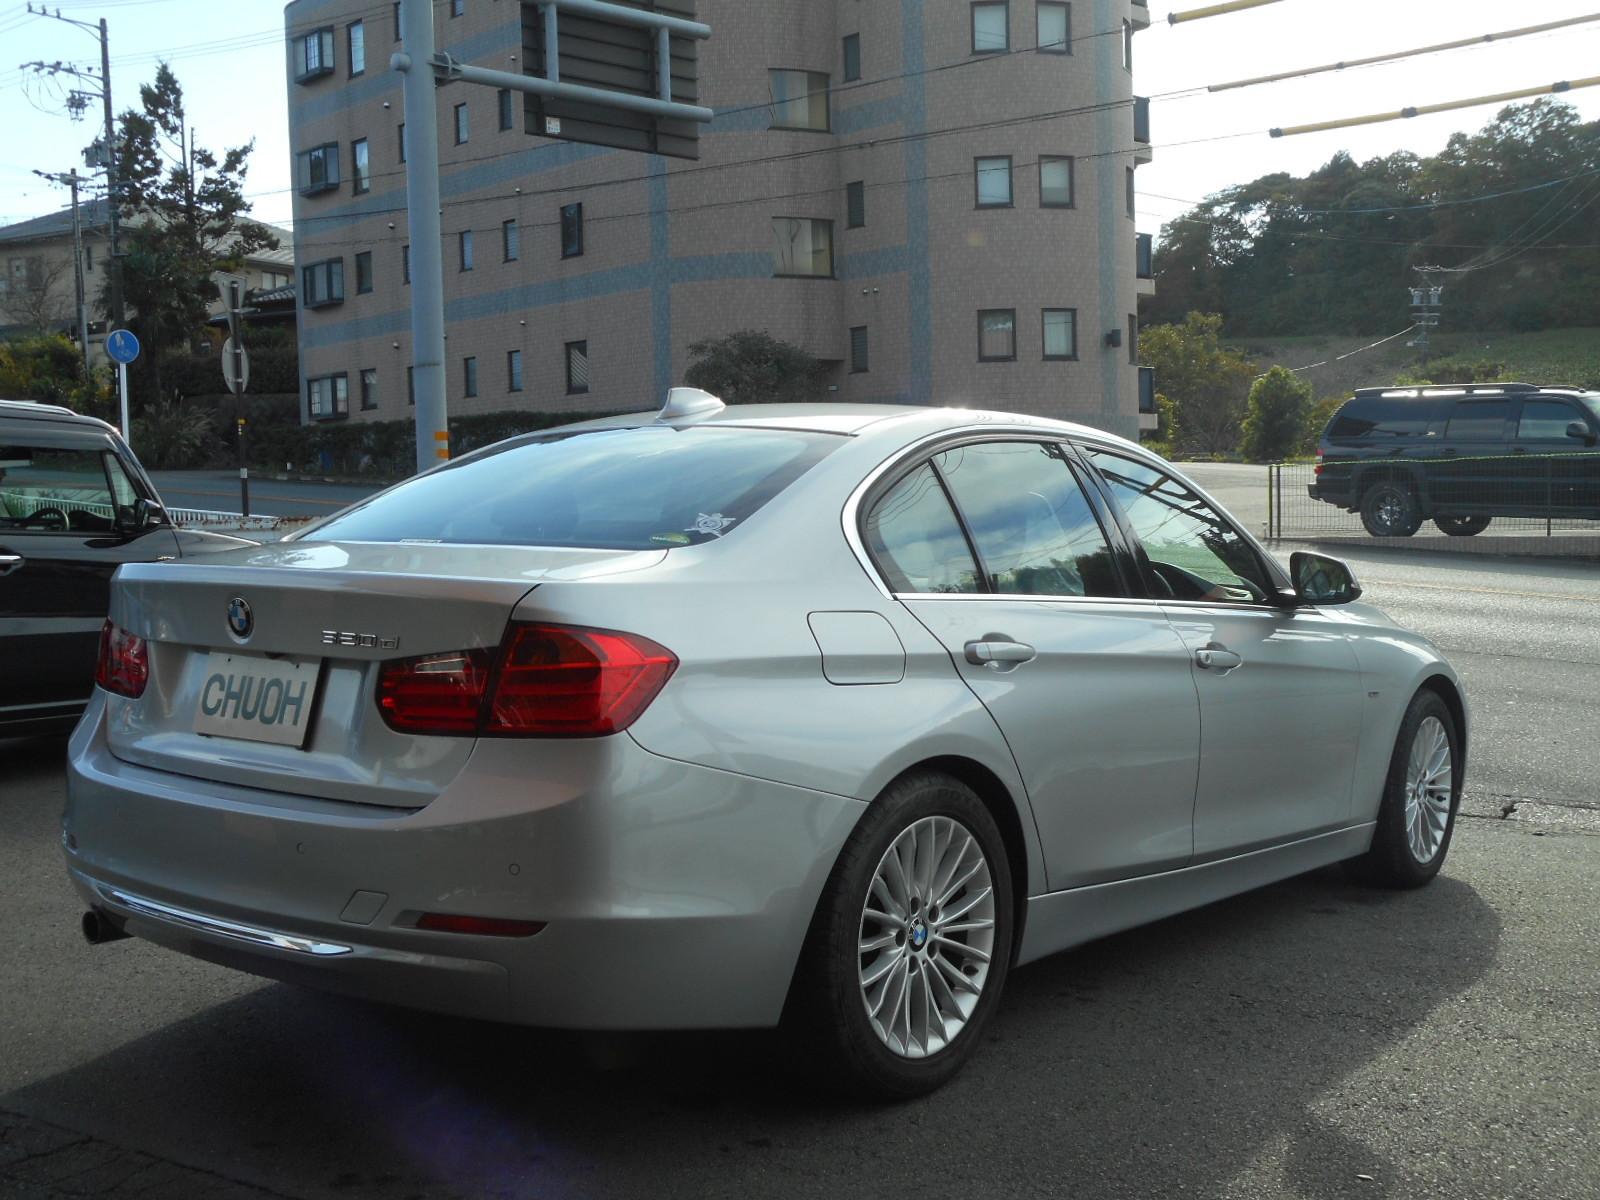 広告掲載車:BMW320d_c0267693_10073859.jpg